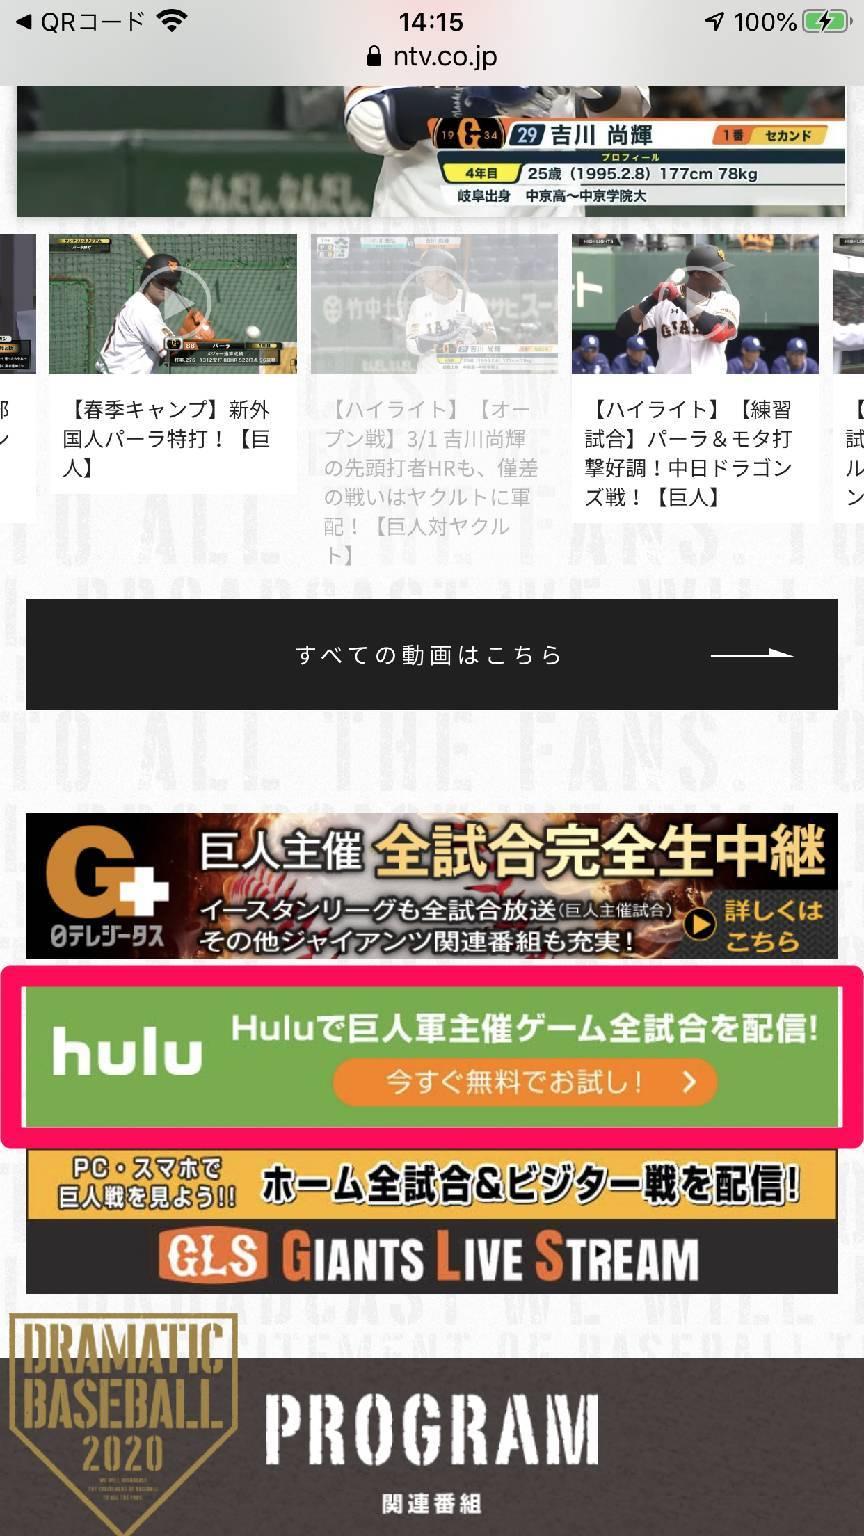 日本テレビ DRAMATIC BASEBALL トップページ